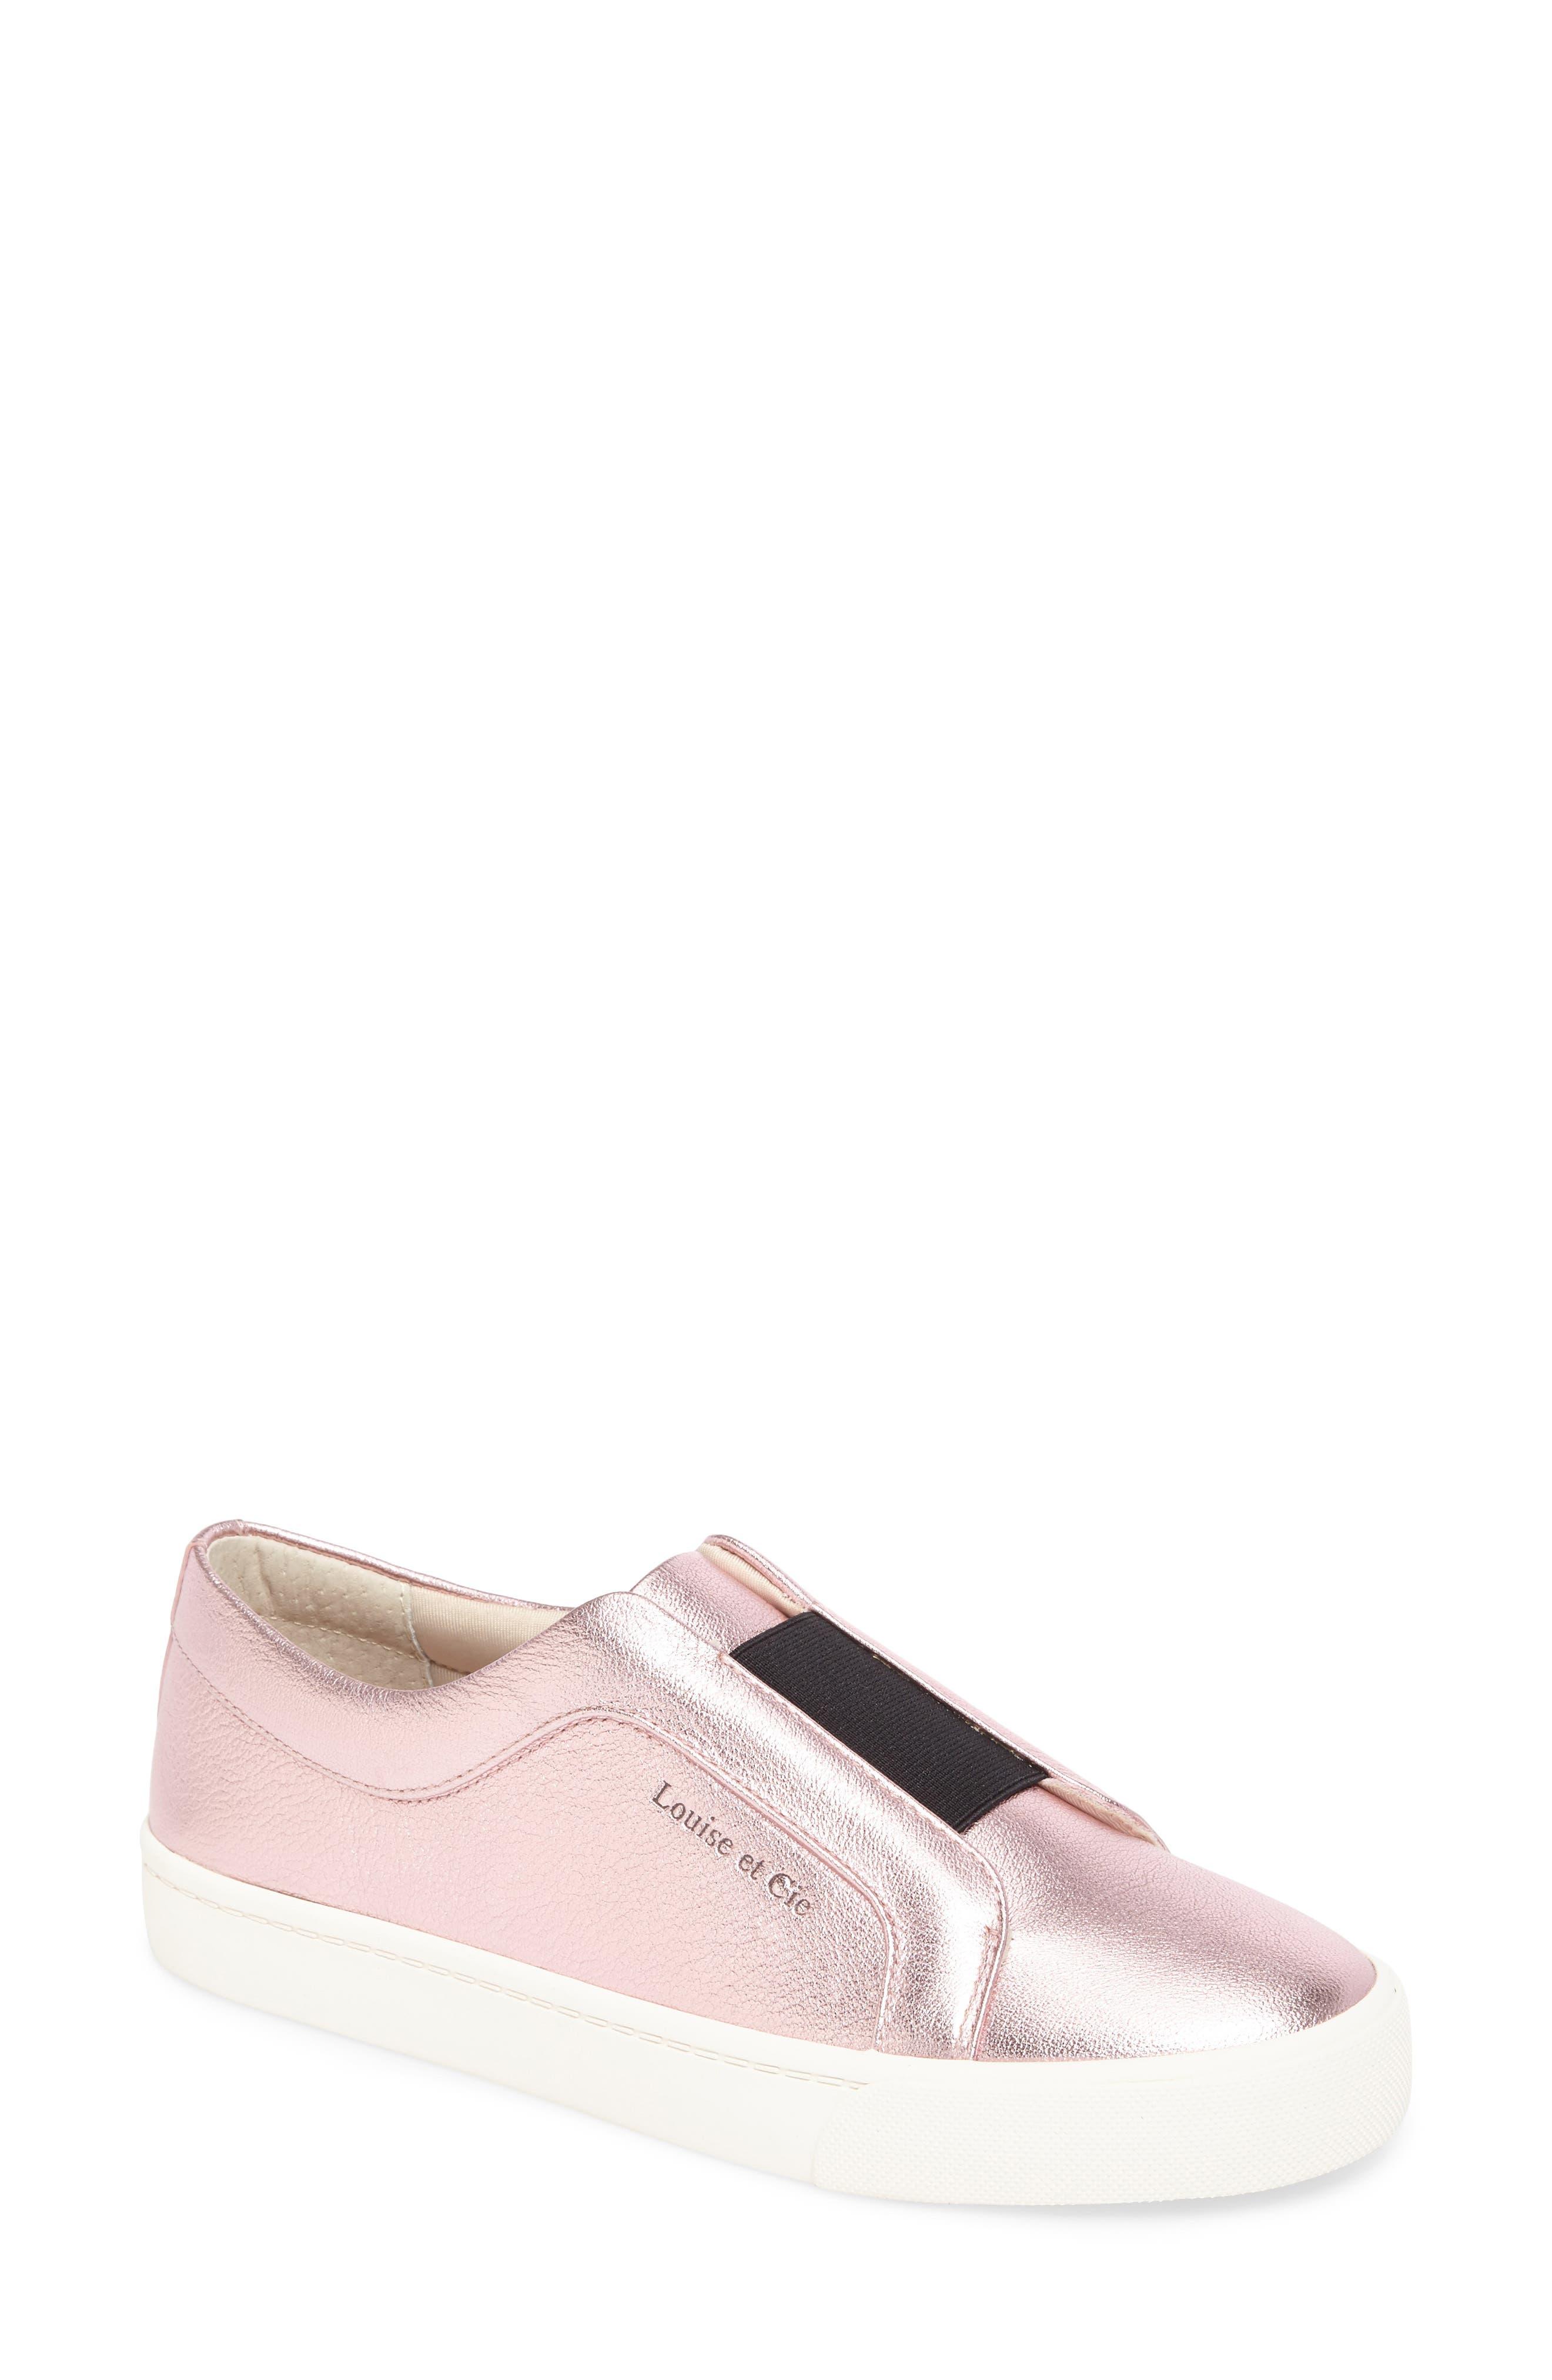 Alternate Image 1 Selected - Louise et Cie Bette Slip-On Sneaker (Women)